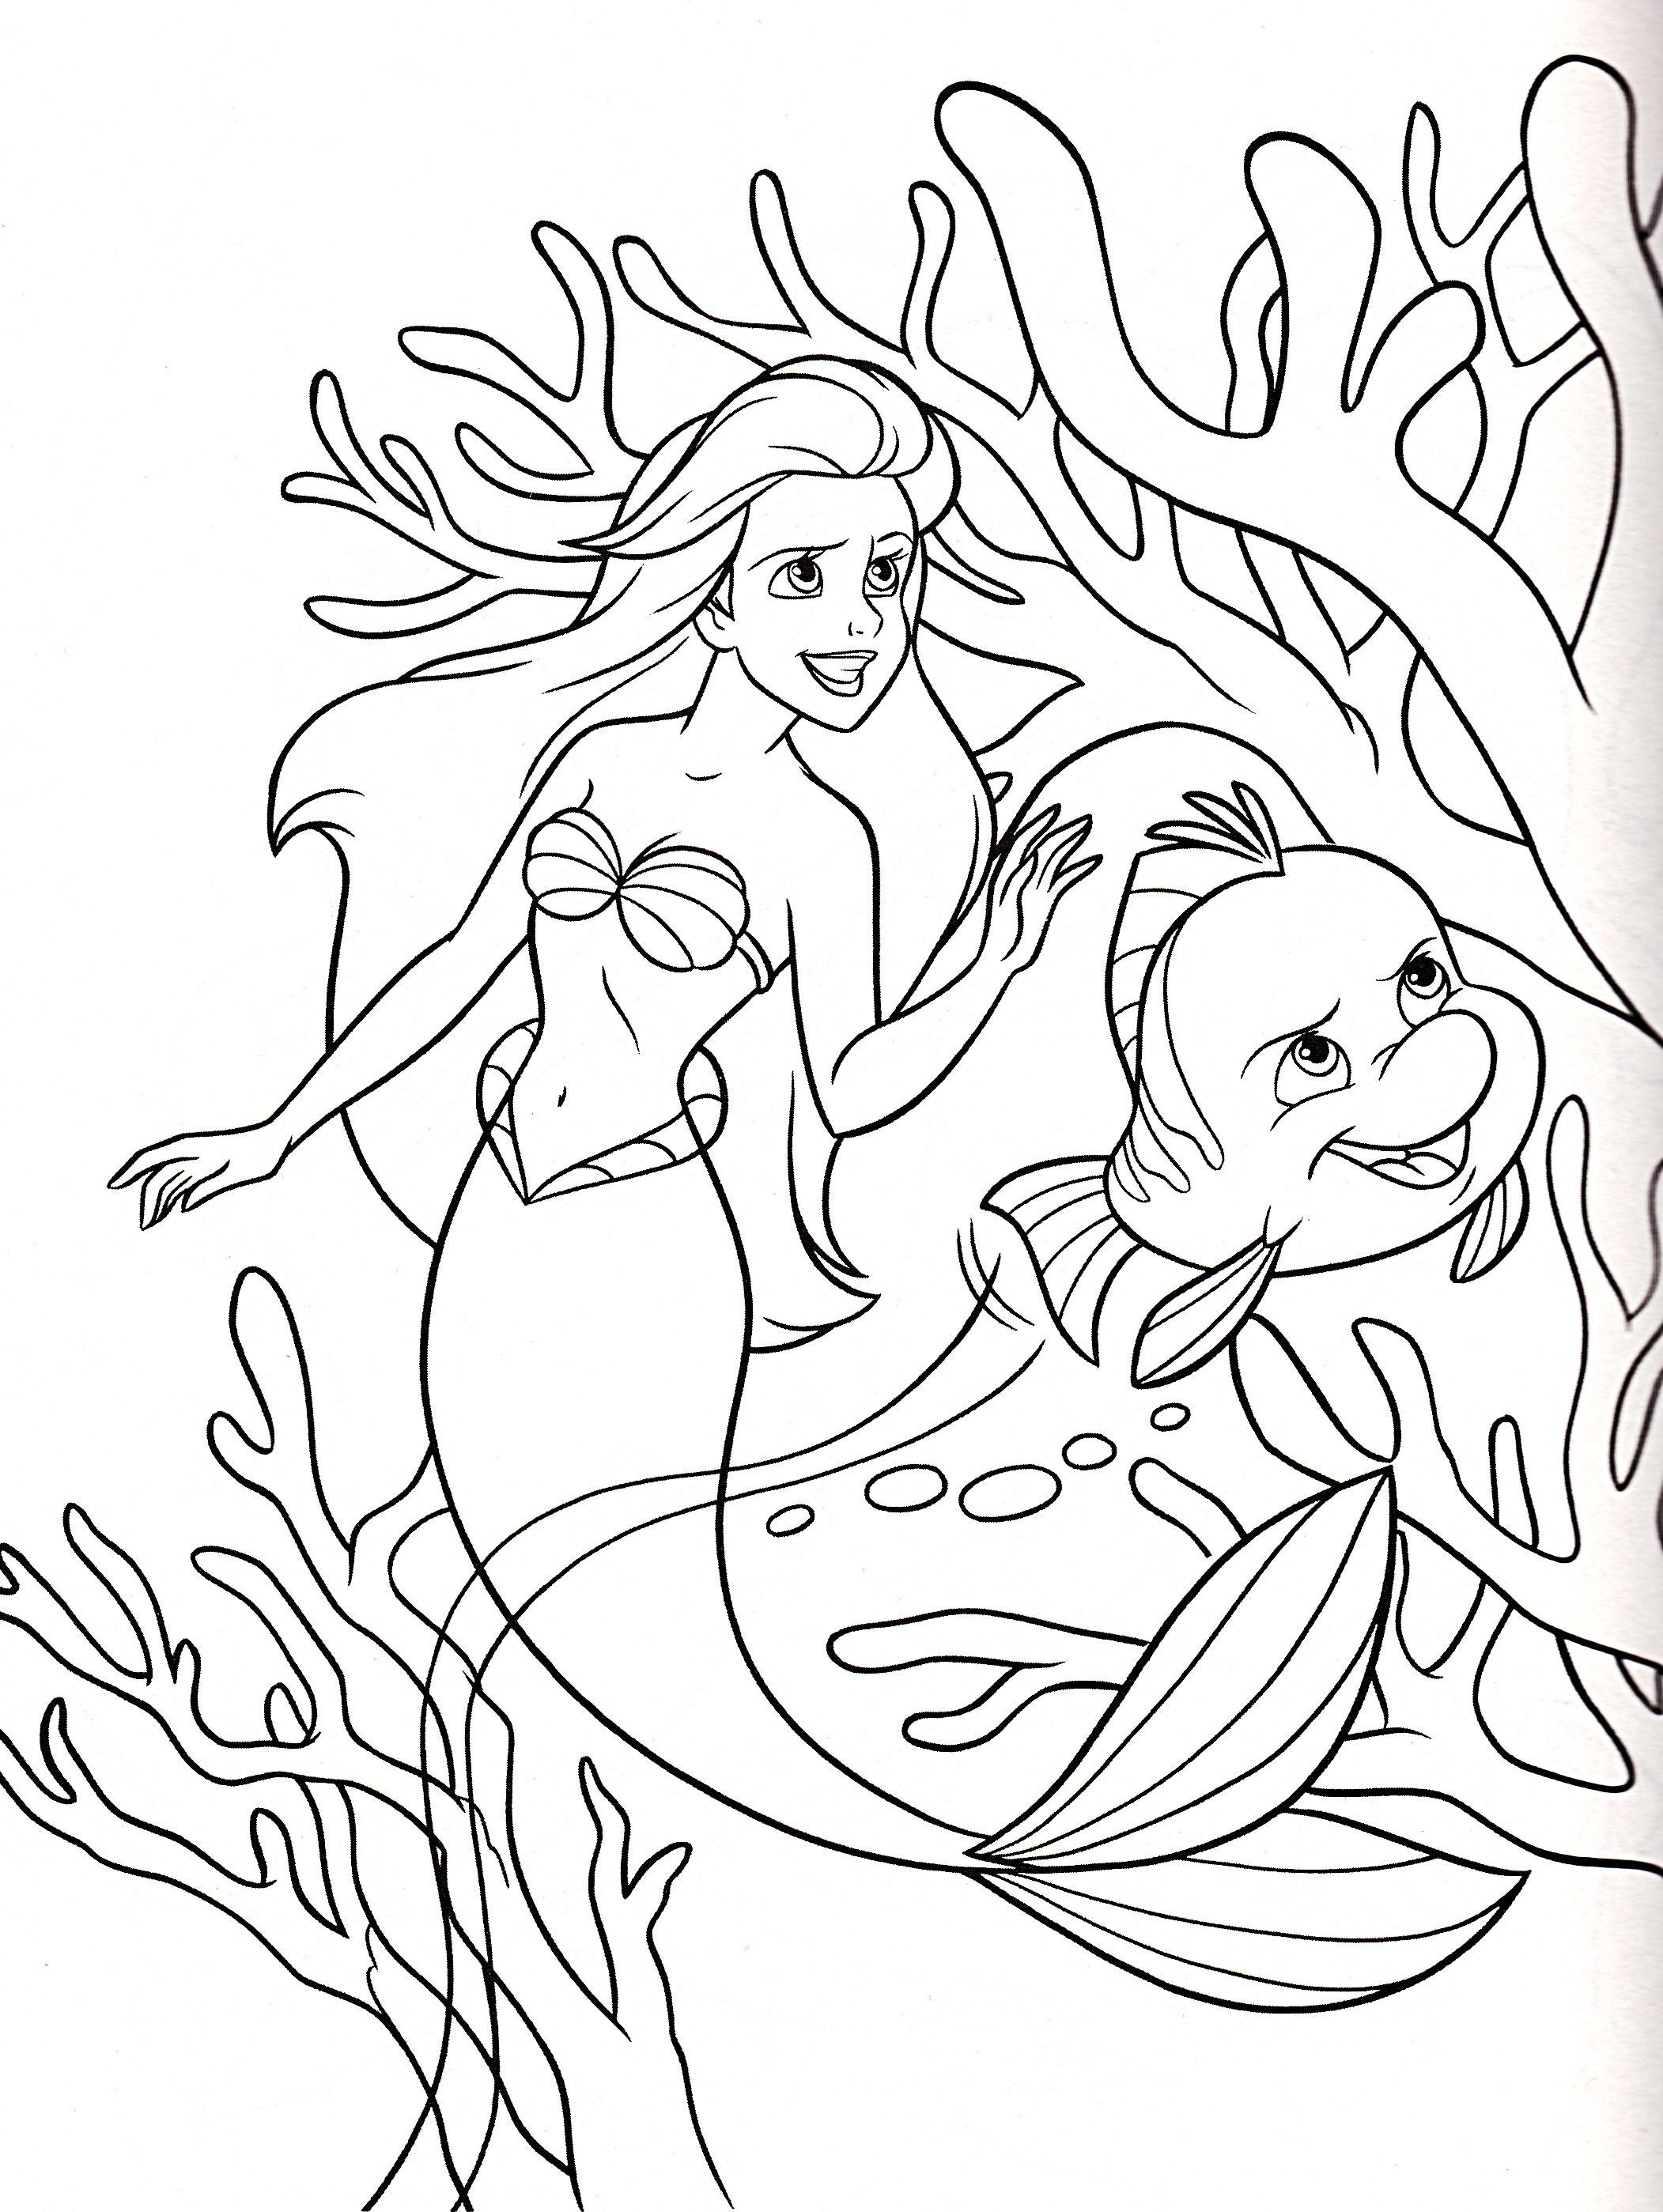 Walt Disney Coloring Pages Princess Ariel Flounder Walt Disney Characters 33143895 21 Disney Princess Coloring Pages Ariel Coloring Pages Mermaid Coloring Book